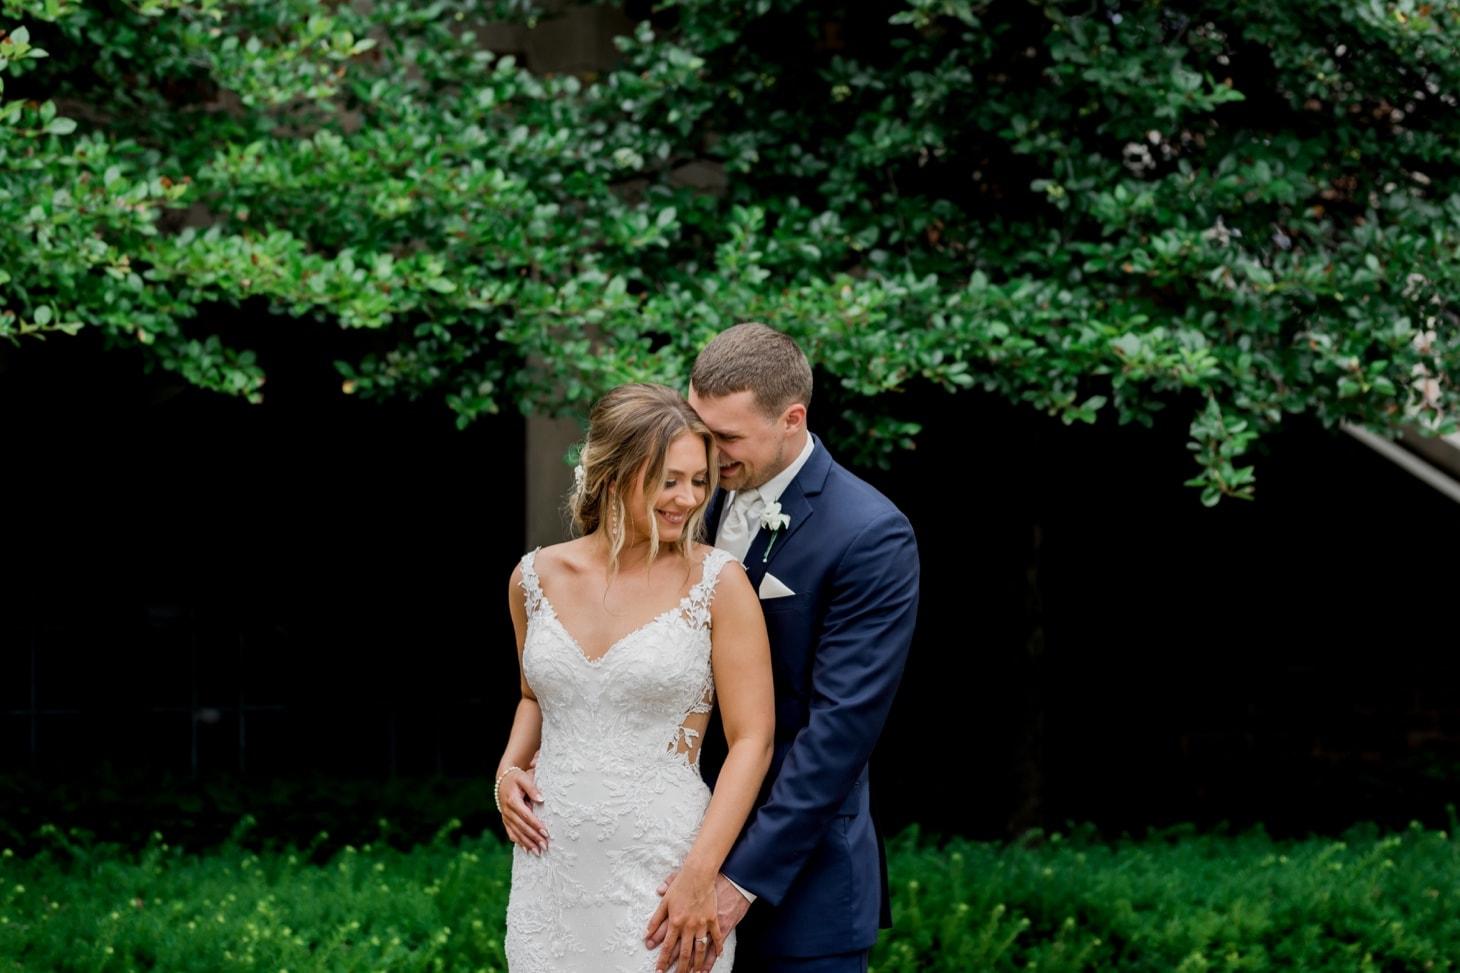 bride and groom portrait rollins mansion wedding iowa